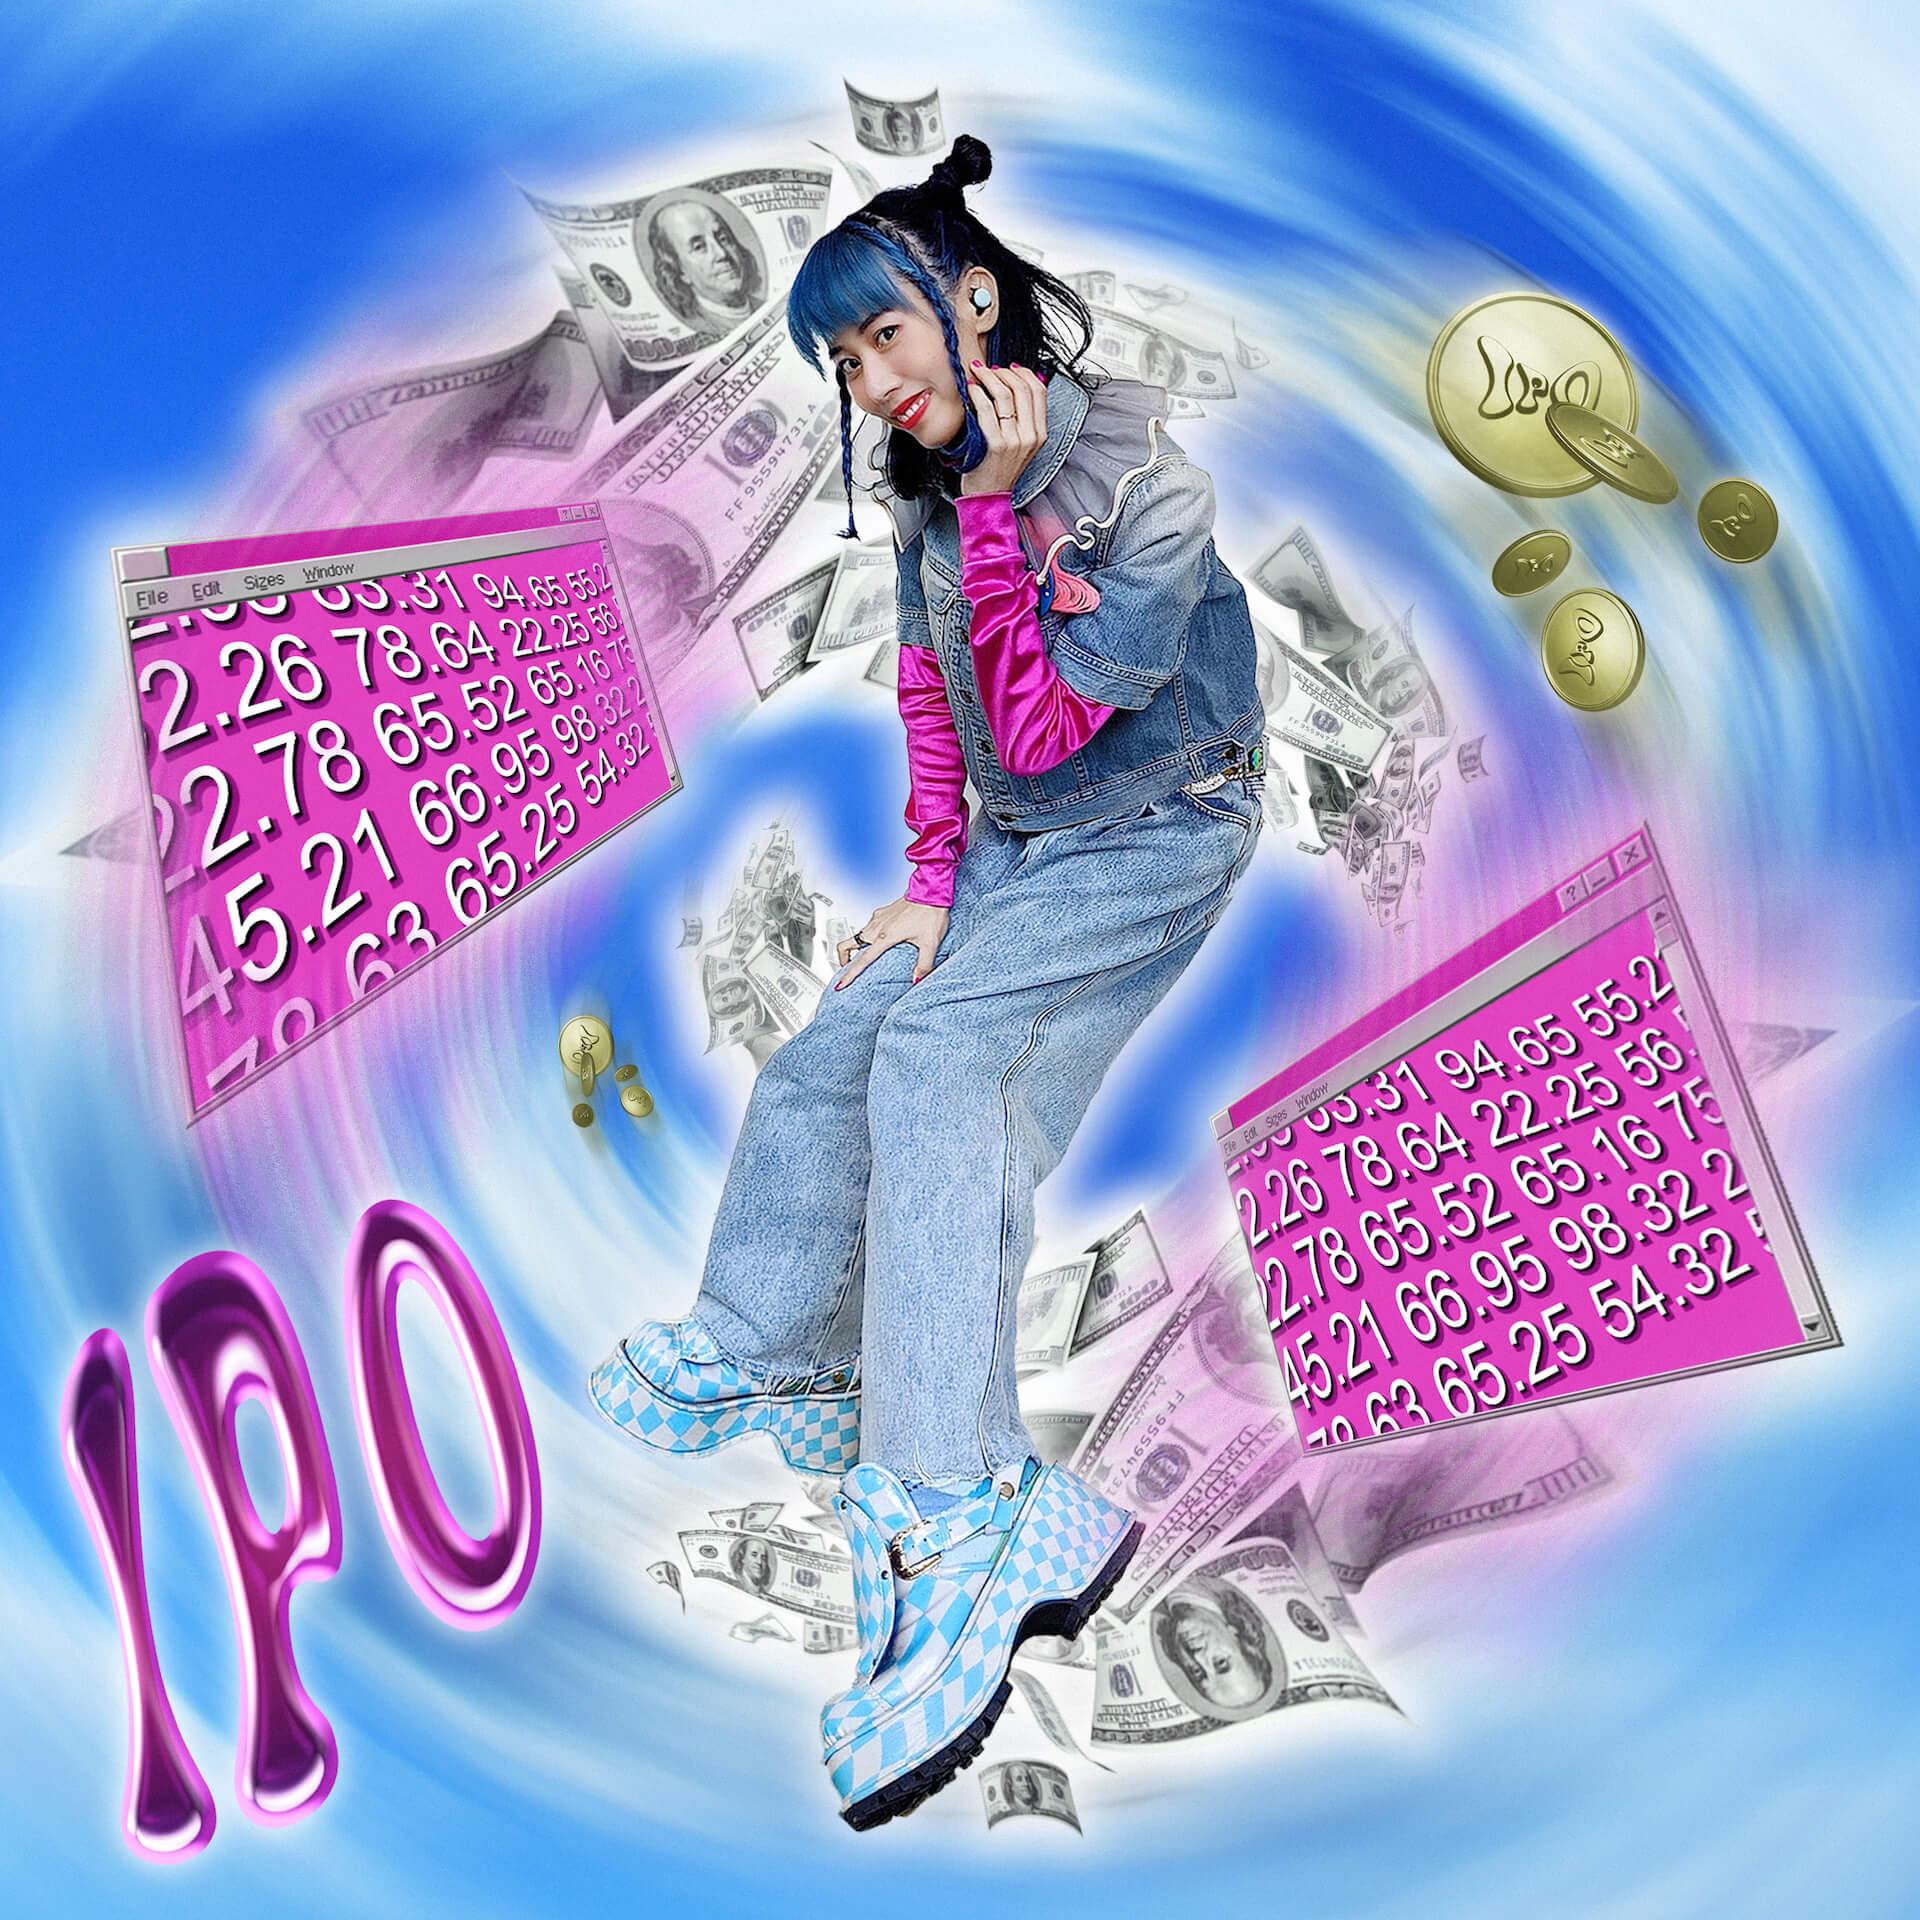 """Satellite Youngボーカル草野絵美ことEmi Satelliteによる新曲""""IPO""""がリリース!リミックス版をNFTとしても発表 music210414_sateliteyoung_1"""